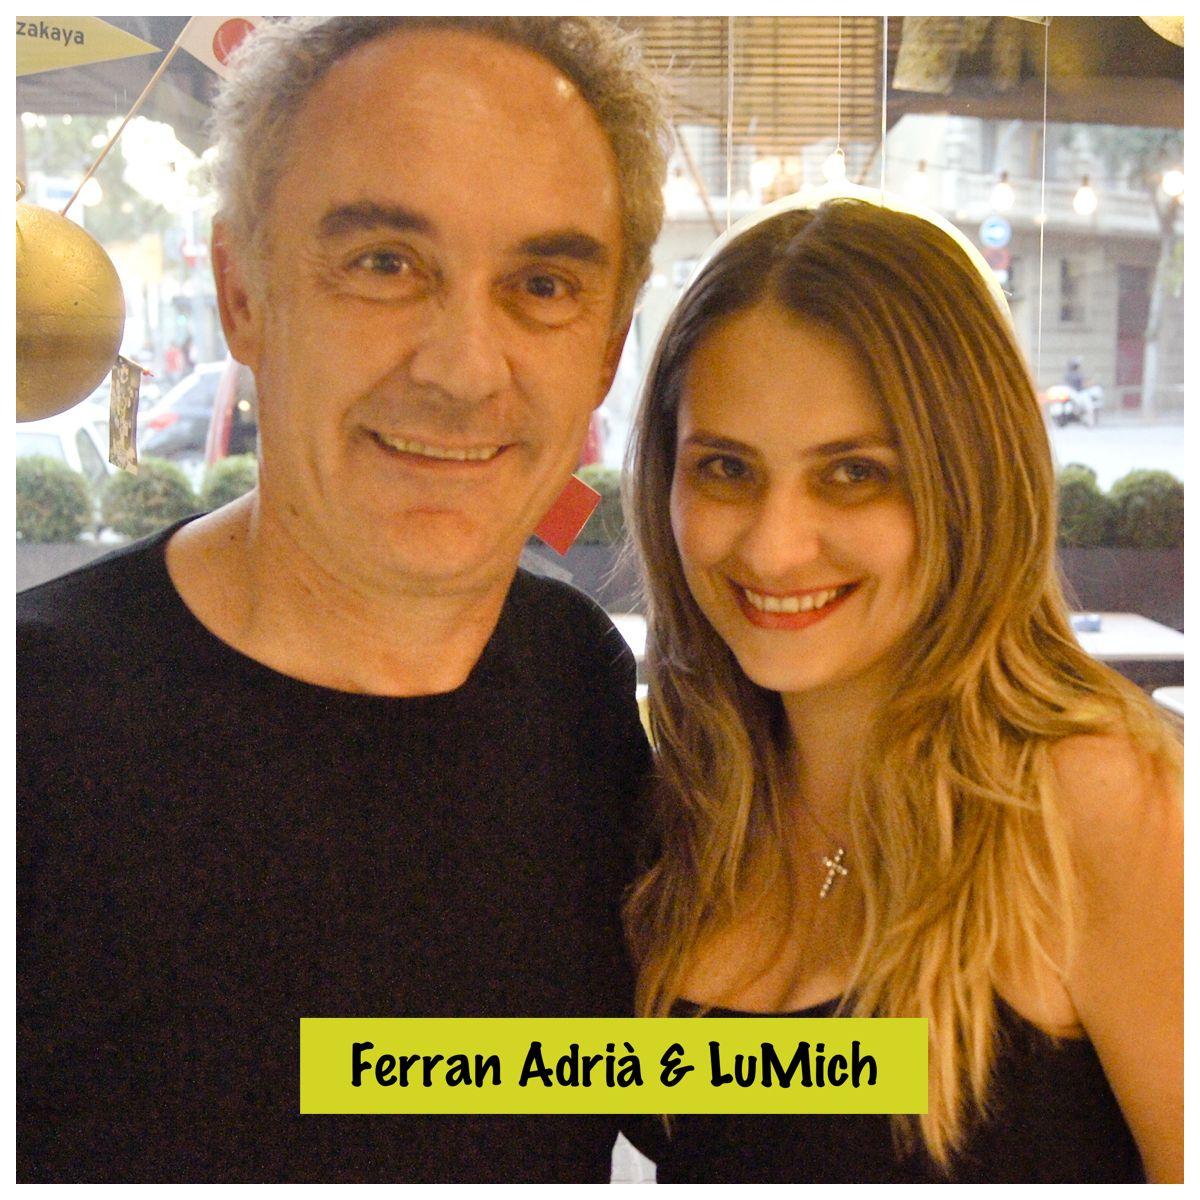 Ferran Adrià é fashion